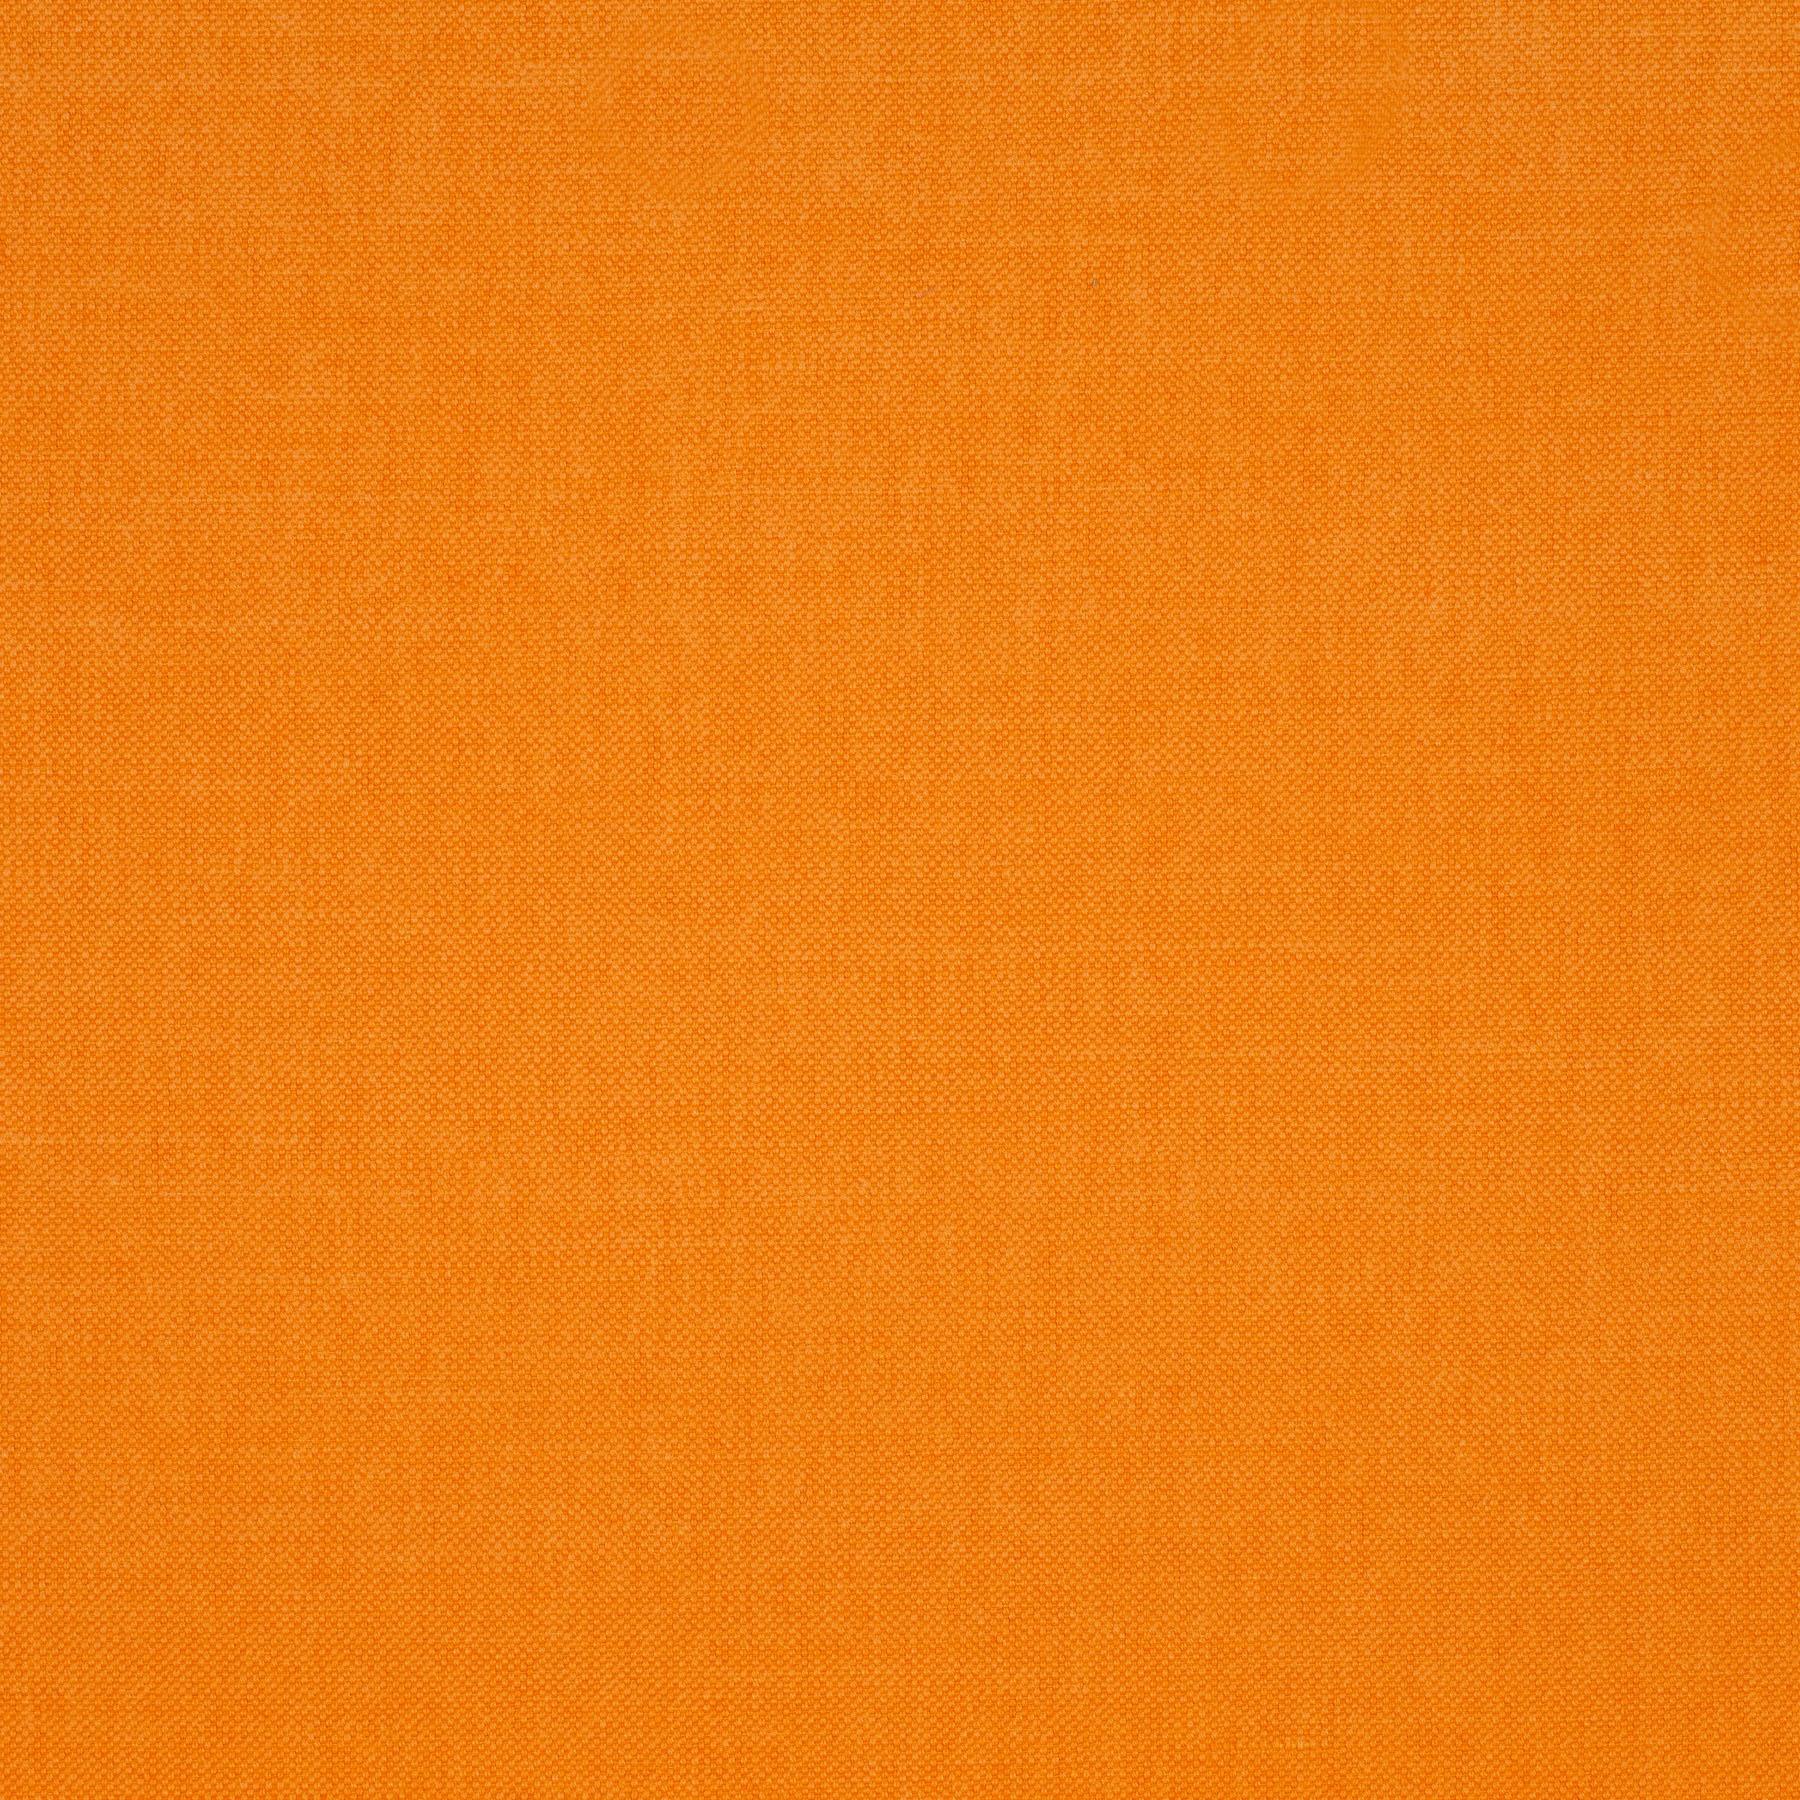 orange hot madison-0